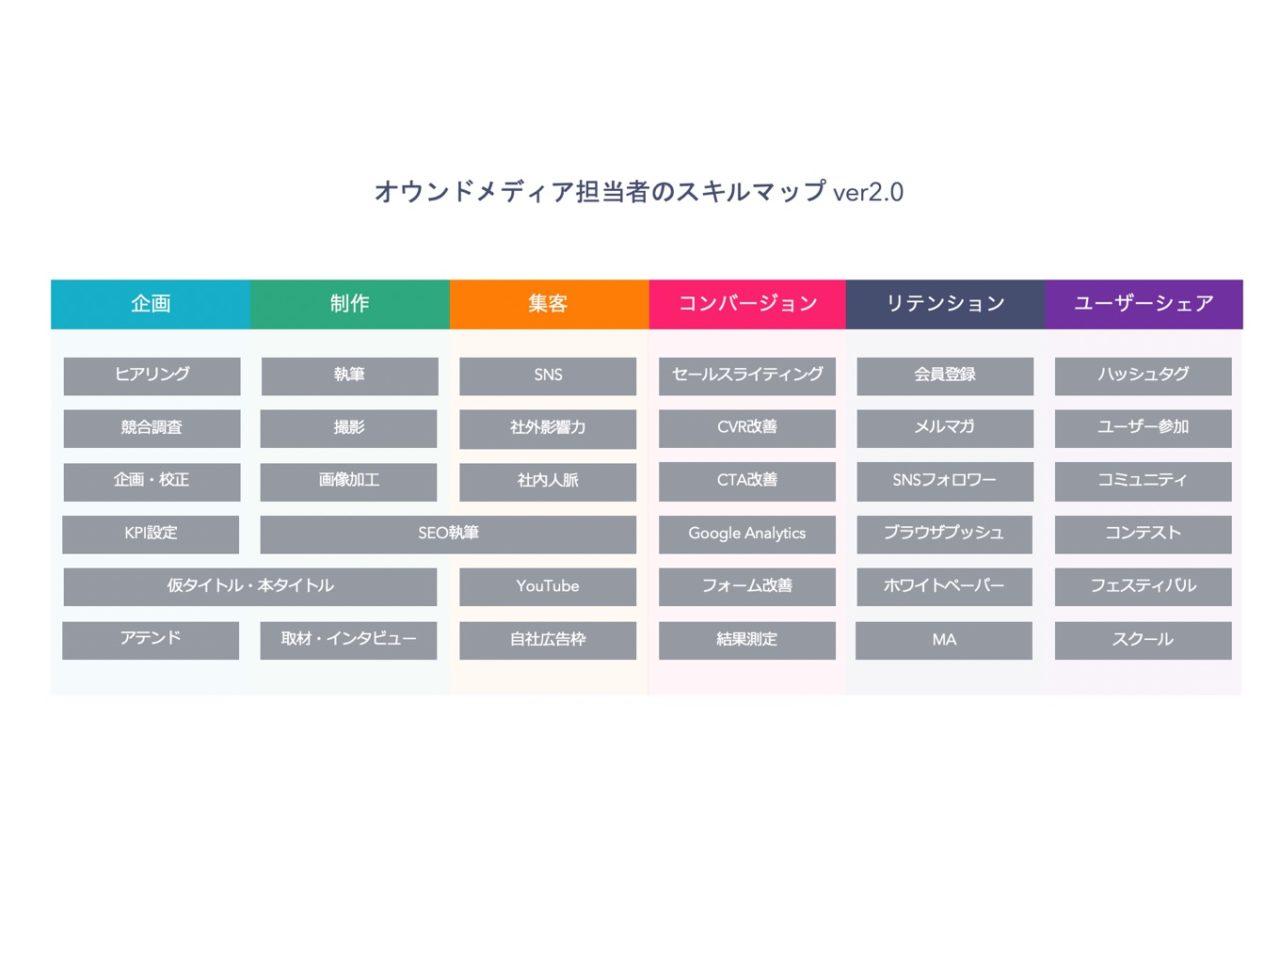 オウンドメディア担当者のスキルマップ